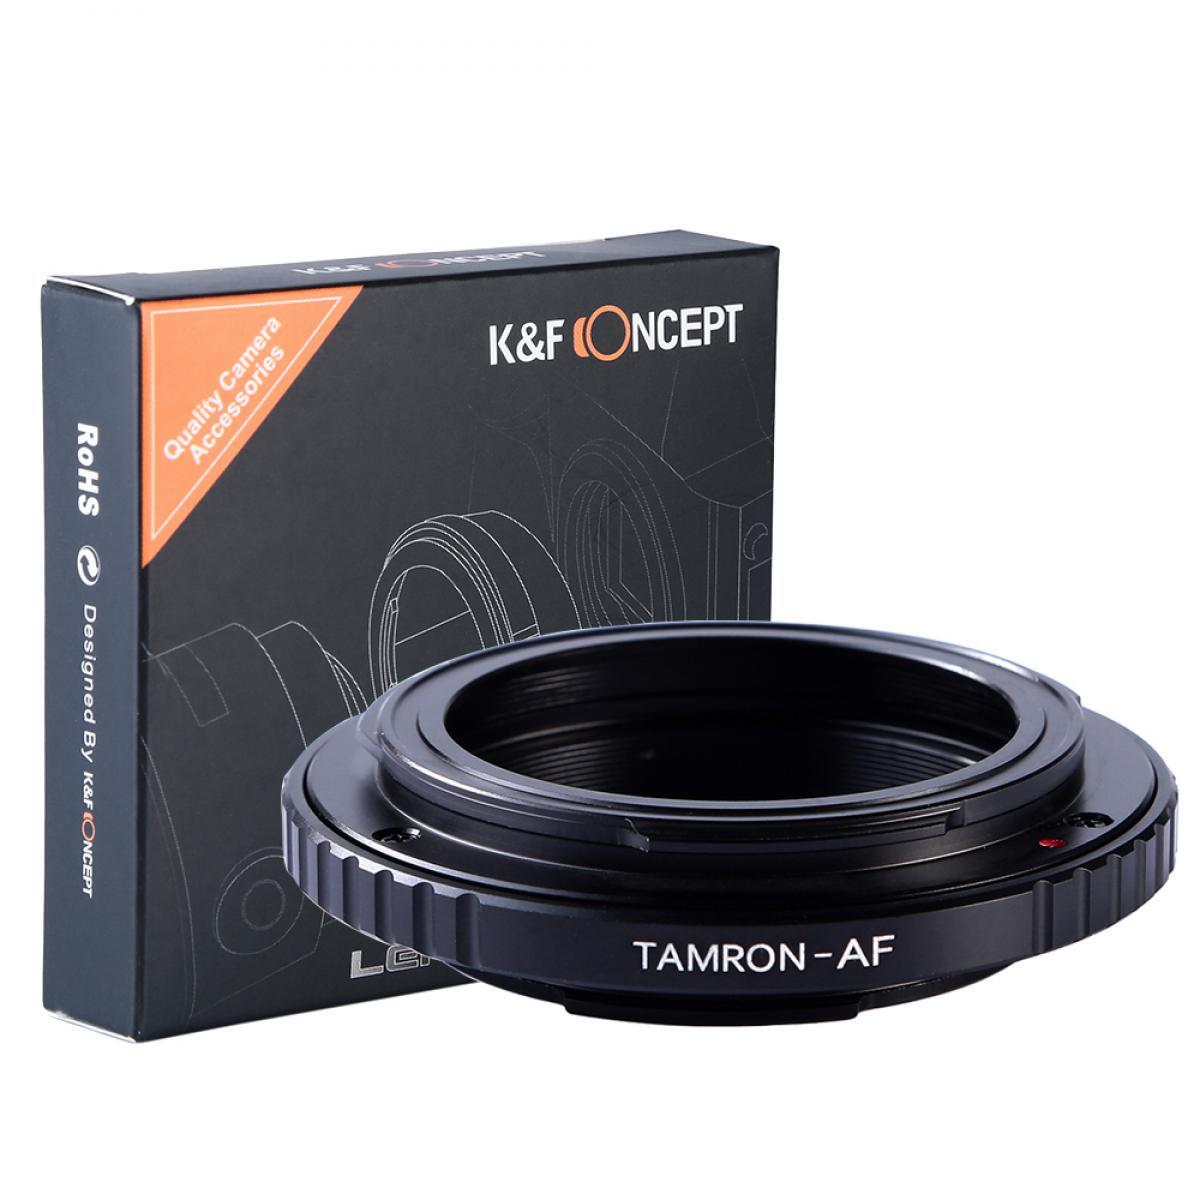 K&F M23281 Lentes Tamron Adaptall II para Sony A adaptador de montagem de lente